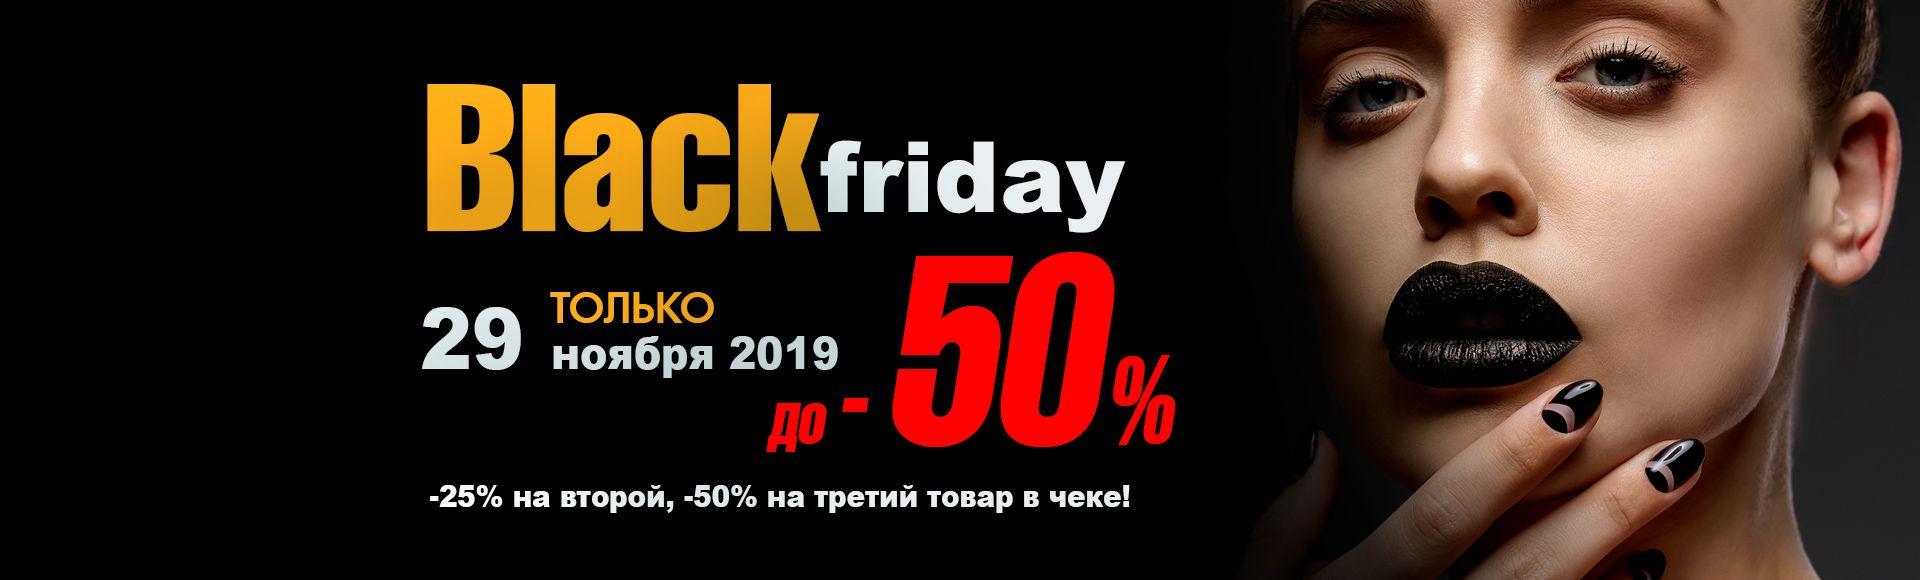 Акция BLACK FRIDAY 29_11_2019